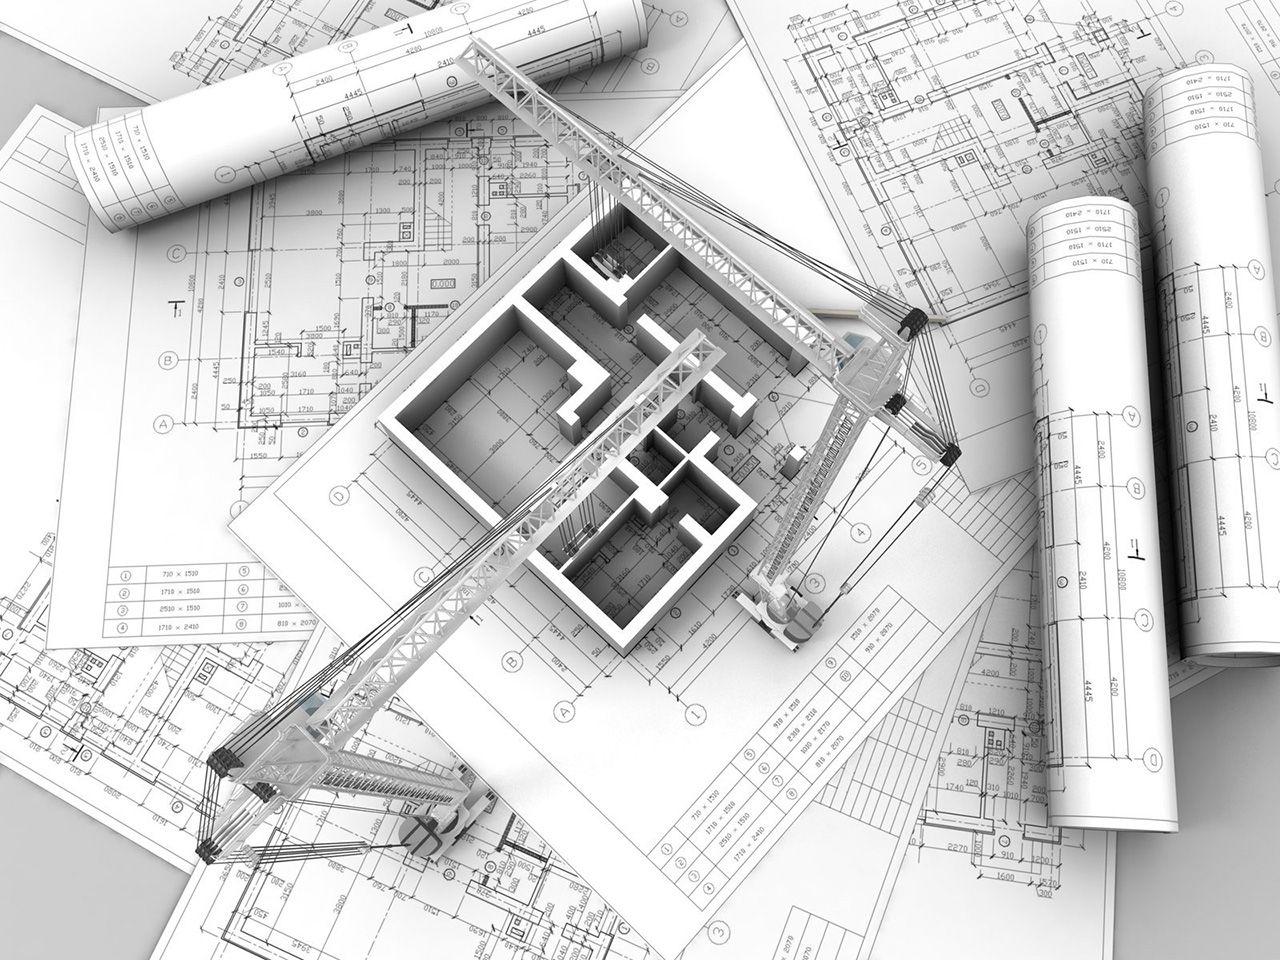 Sudah Siap Merencanakan Desain Rumah Berikut 75 Istilah Arsitektur Yang Perlu Dipahami Di 2021 Arsitektur Desain Desain Rumah 1080p civil engineering hd wallpapers